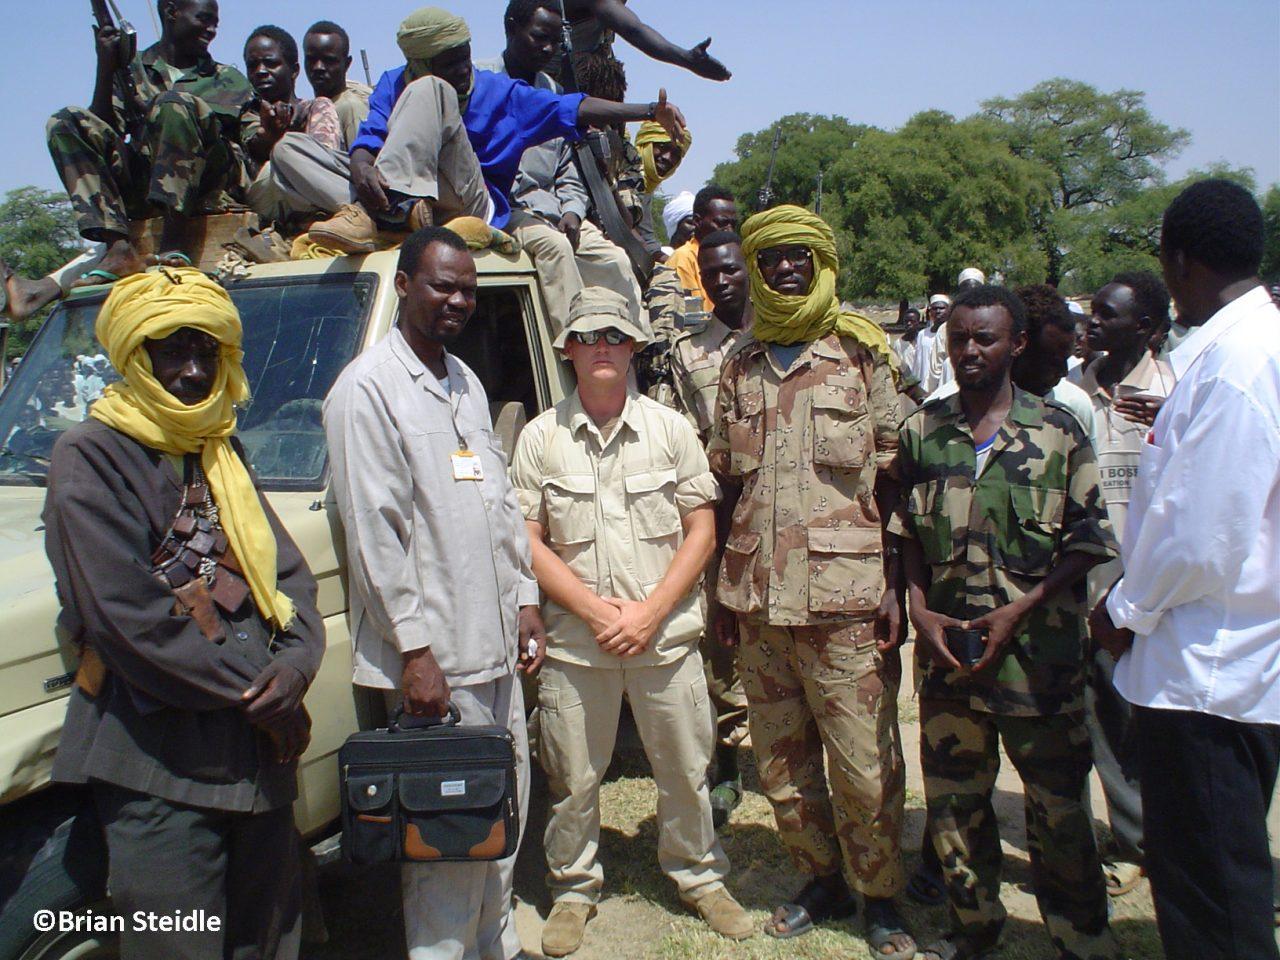 Brian in Sudan